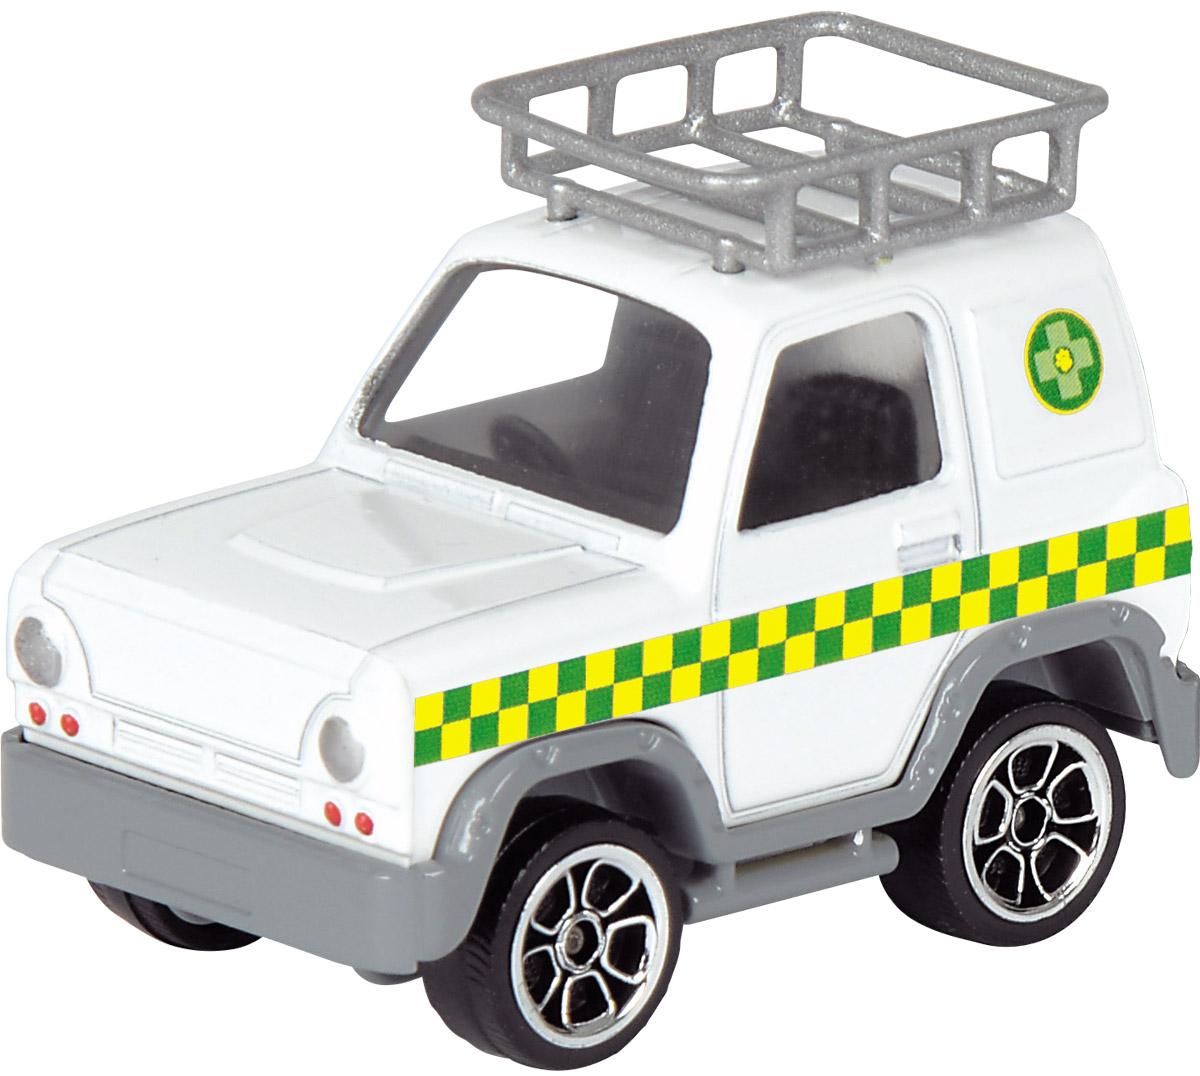 Dickie Toys Пожарная машинка Vet 4 х 43093000_белый, 203093000038Пожарная машинка Dickie Toys Vet 4 х 4 выполнена в реалистичном стиле. Колеса машины свободно крутятся. Верх дополнен корзиной под разные предметы, а сзади у машинки - запасное колесо. Стекла кабины из прозрачного пластика. Машинка изготовлена из прочных, качественных и безопасных материалов. Ваш ребенок сможет часами играть с пожарной машиной, придумывая разные истории. Порадуйте его таким замечательным подарком!